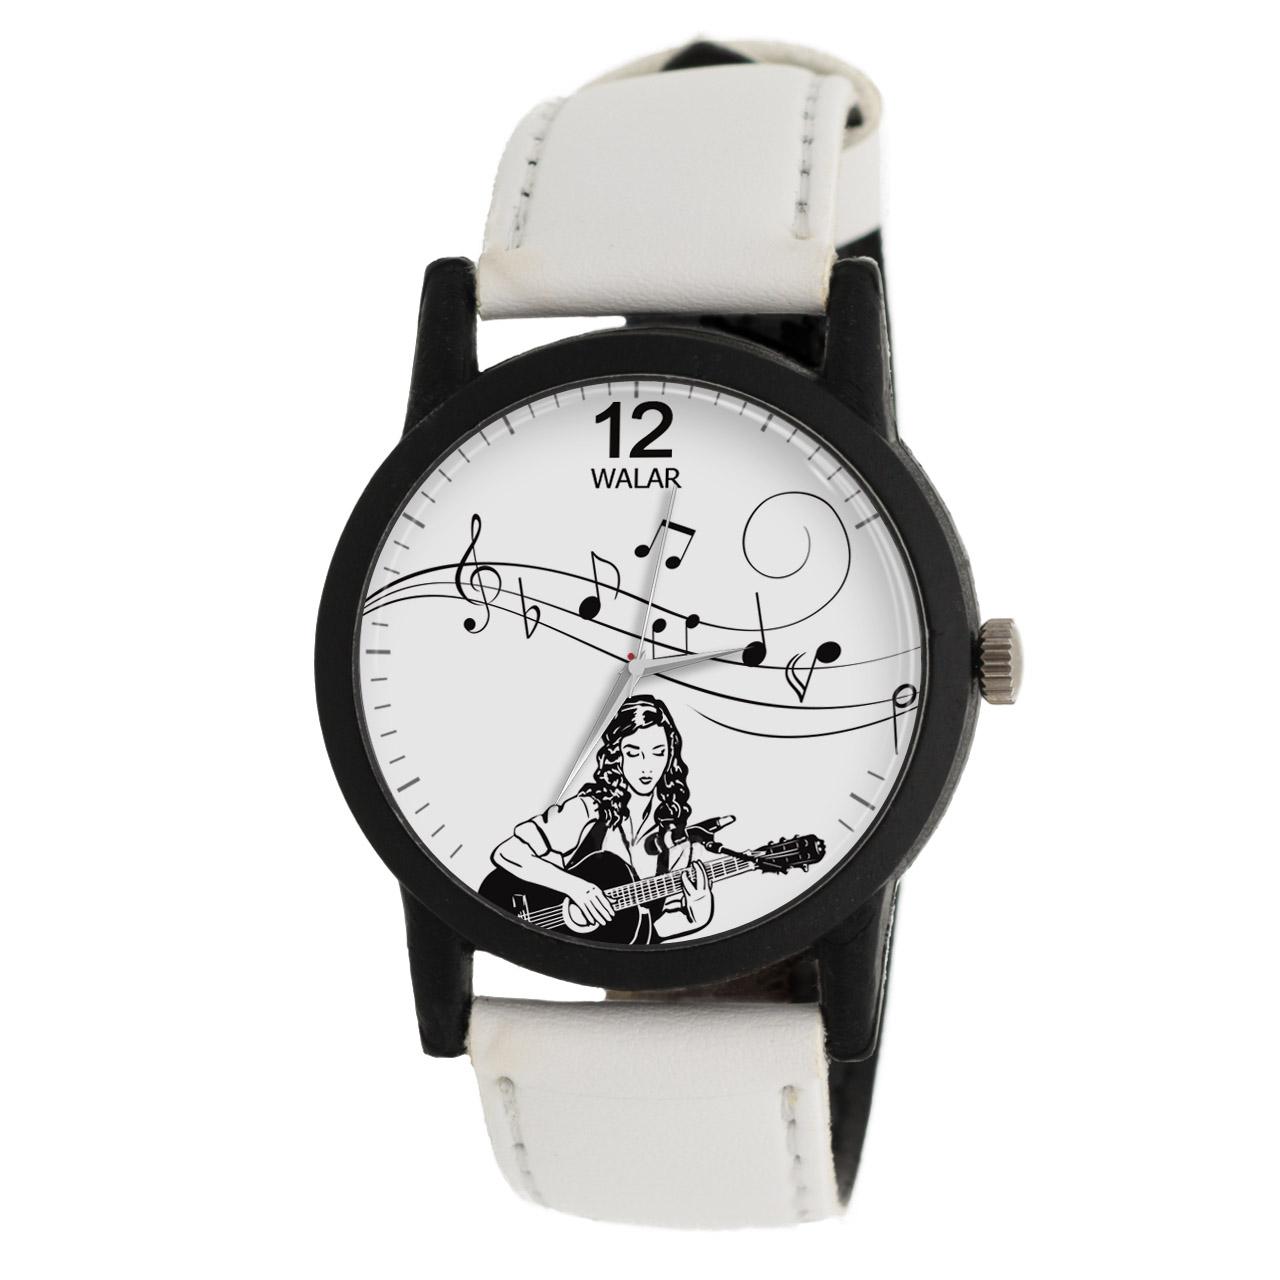 ساعت مچی عقربه ای زنانه والار طرح موسیقی مدل LF1462 2